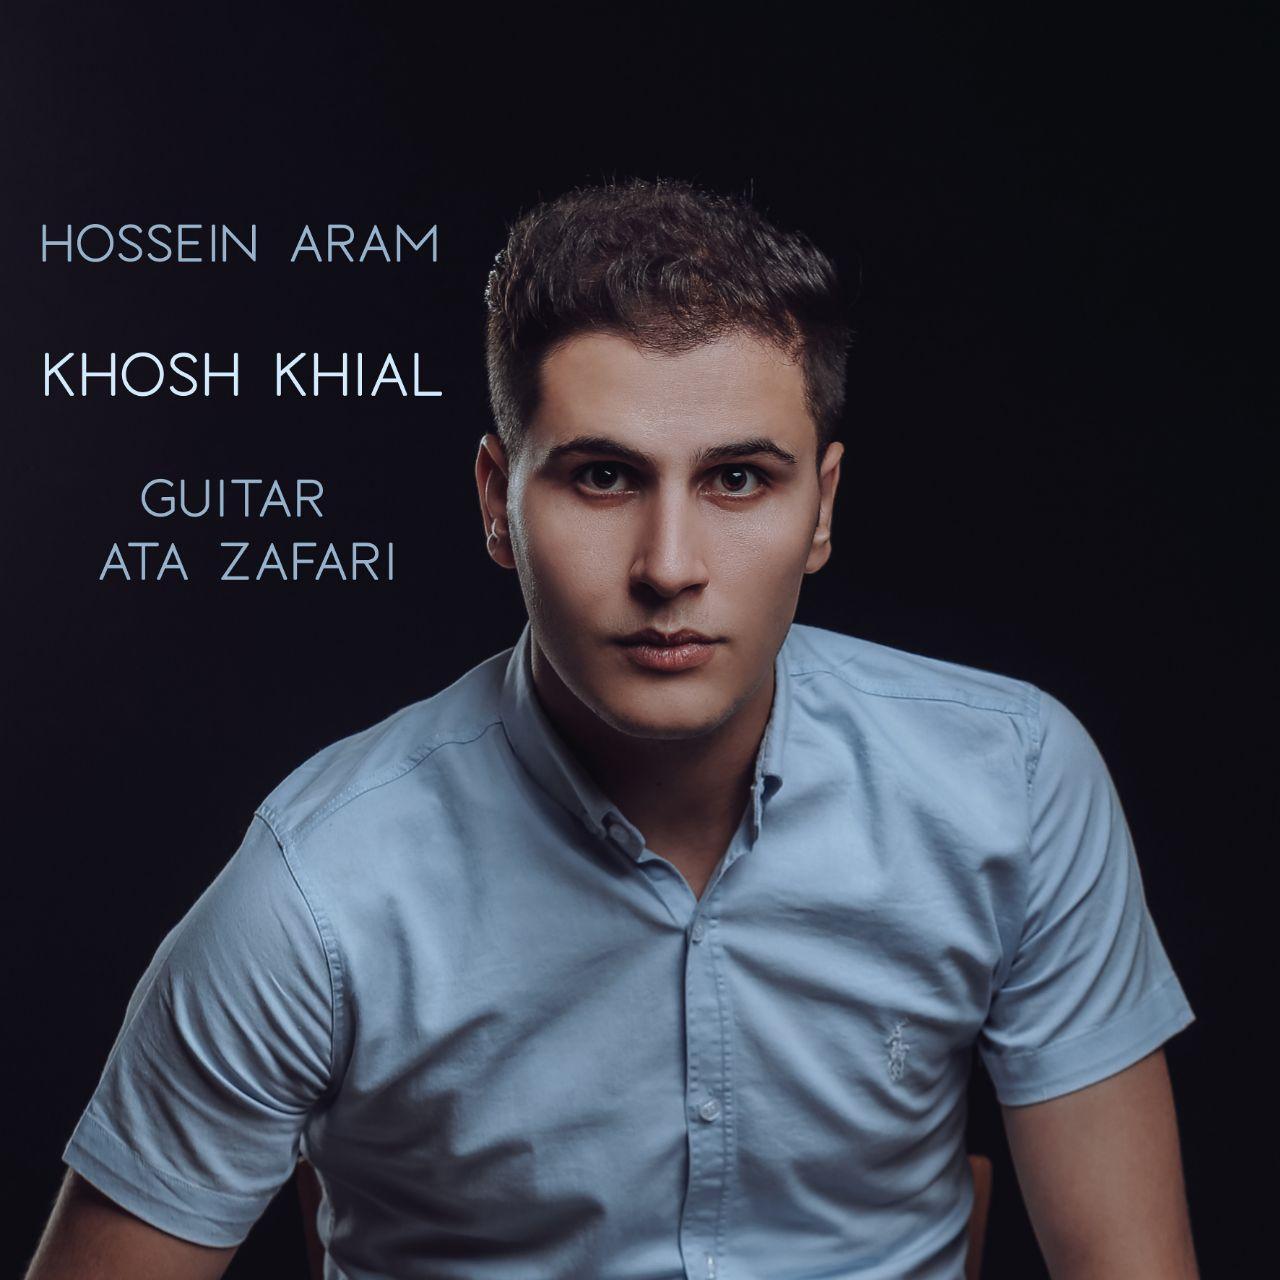 حسین آرام - خوش خیال